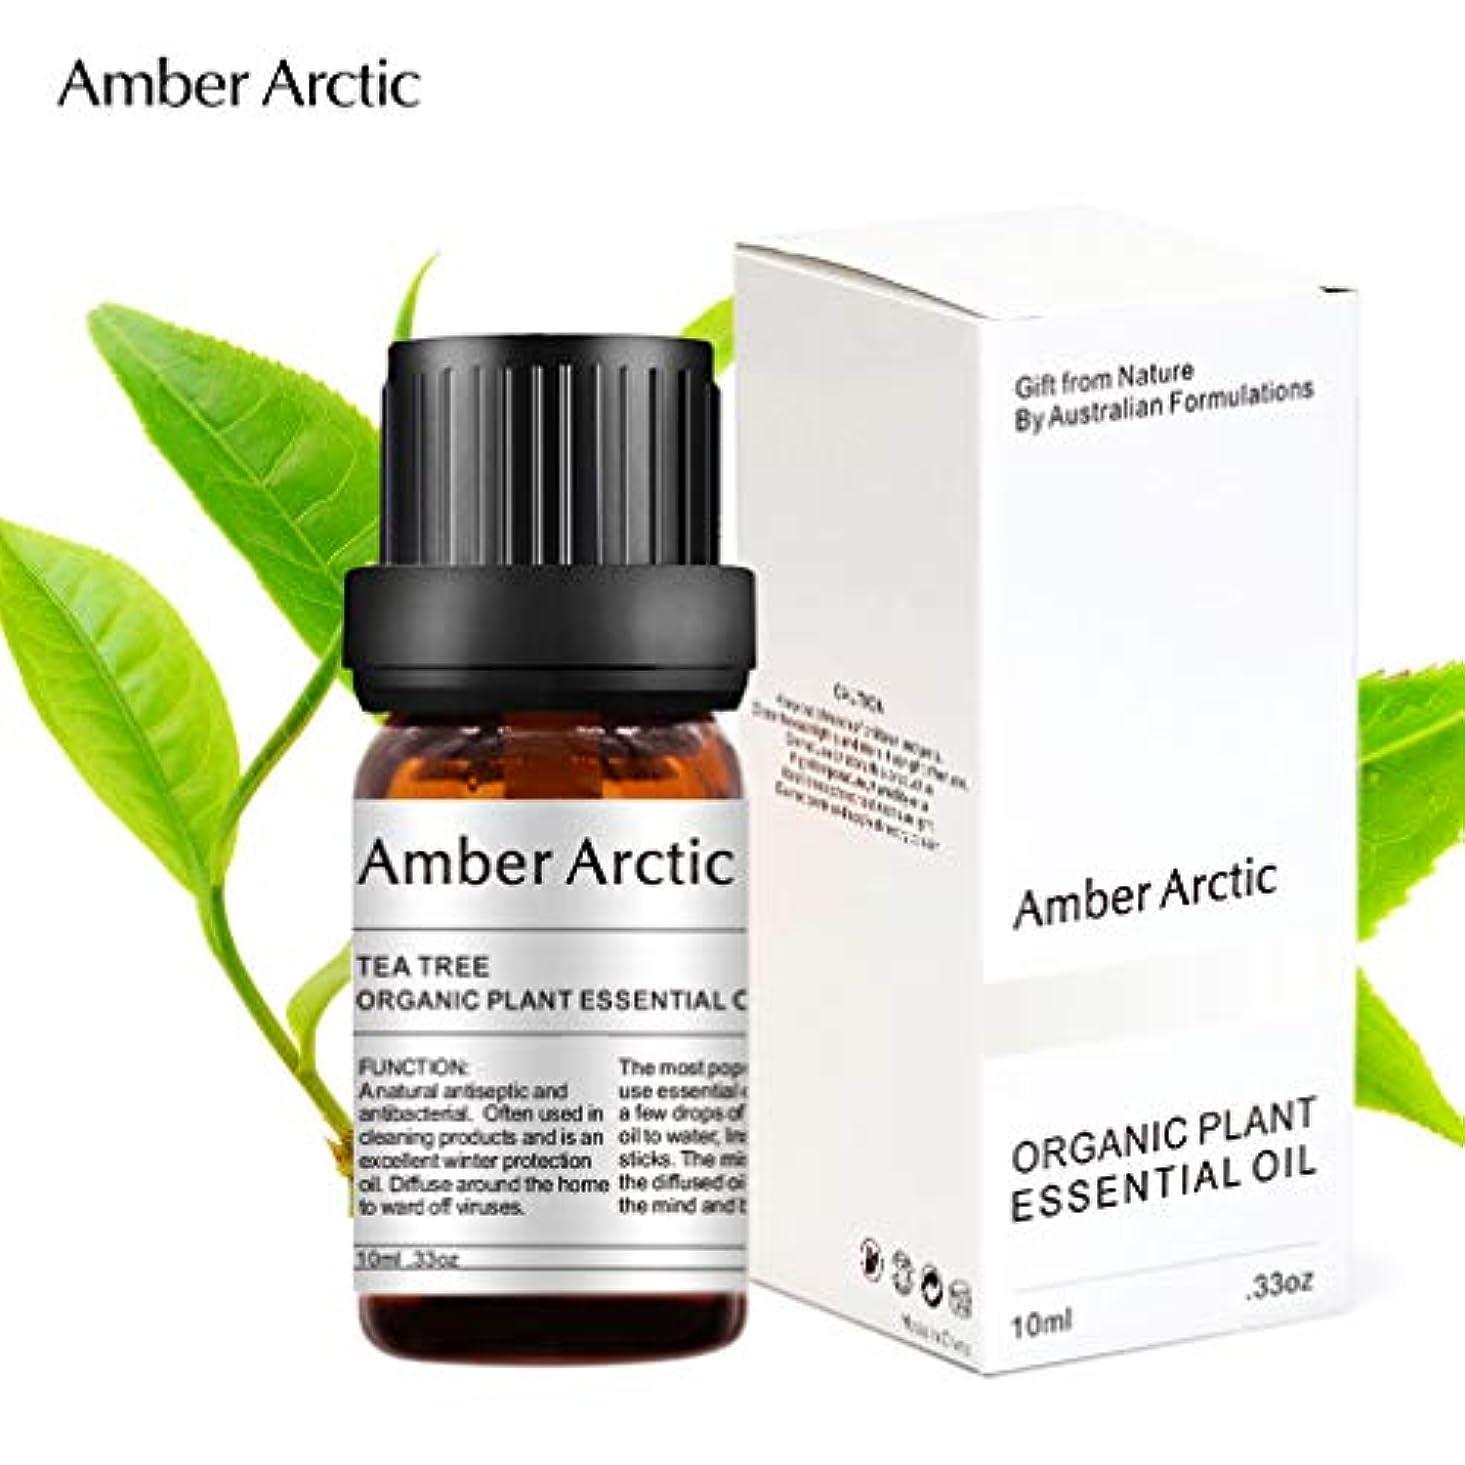 二週間アーサー海AMBER ARCTIC ティー ツリー エッセンシャル オイル ディフューザー 用 100% ピュア フレッシュ オーガニック 植物 セラピーティー ツリー オイル 10ml / 0.33oz